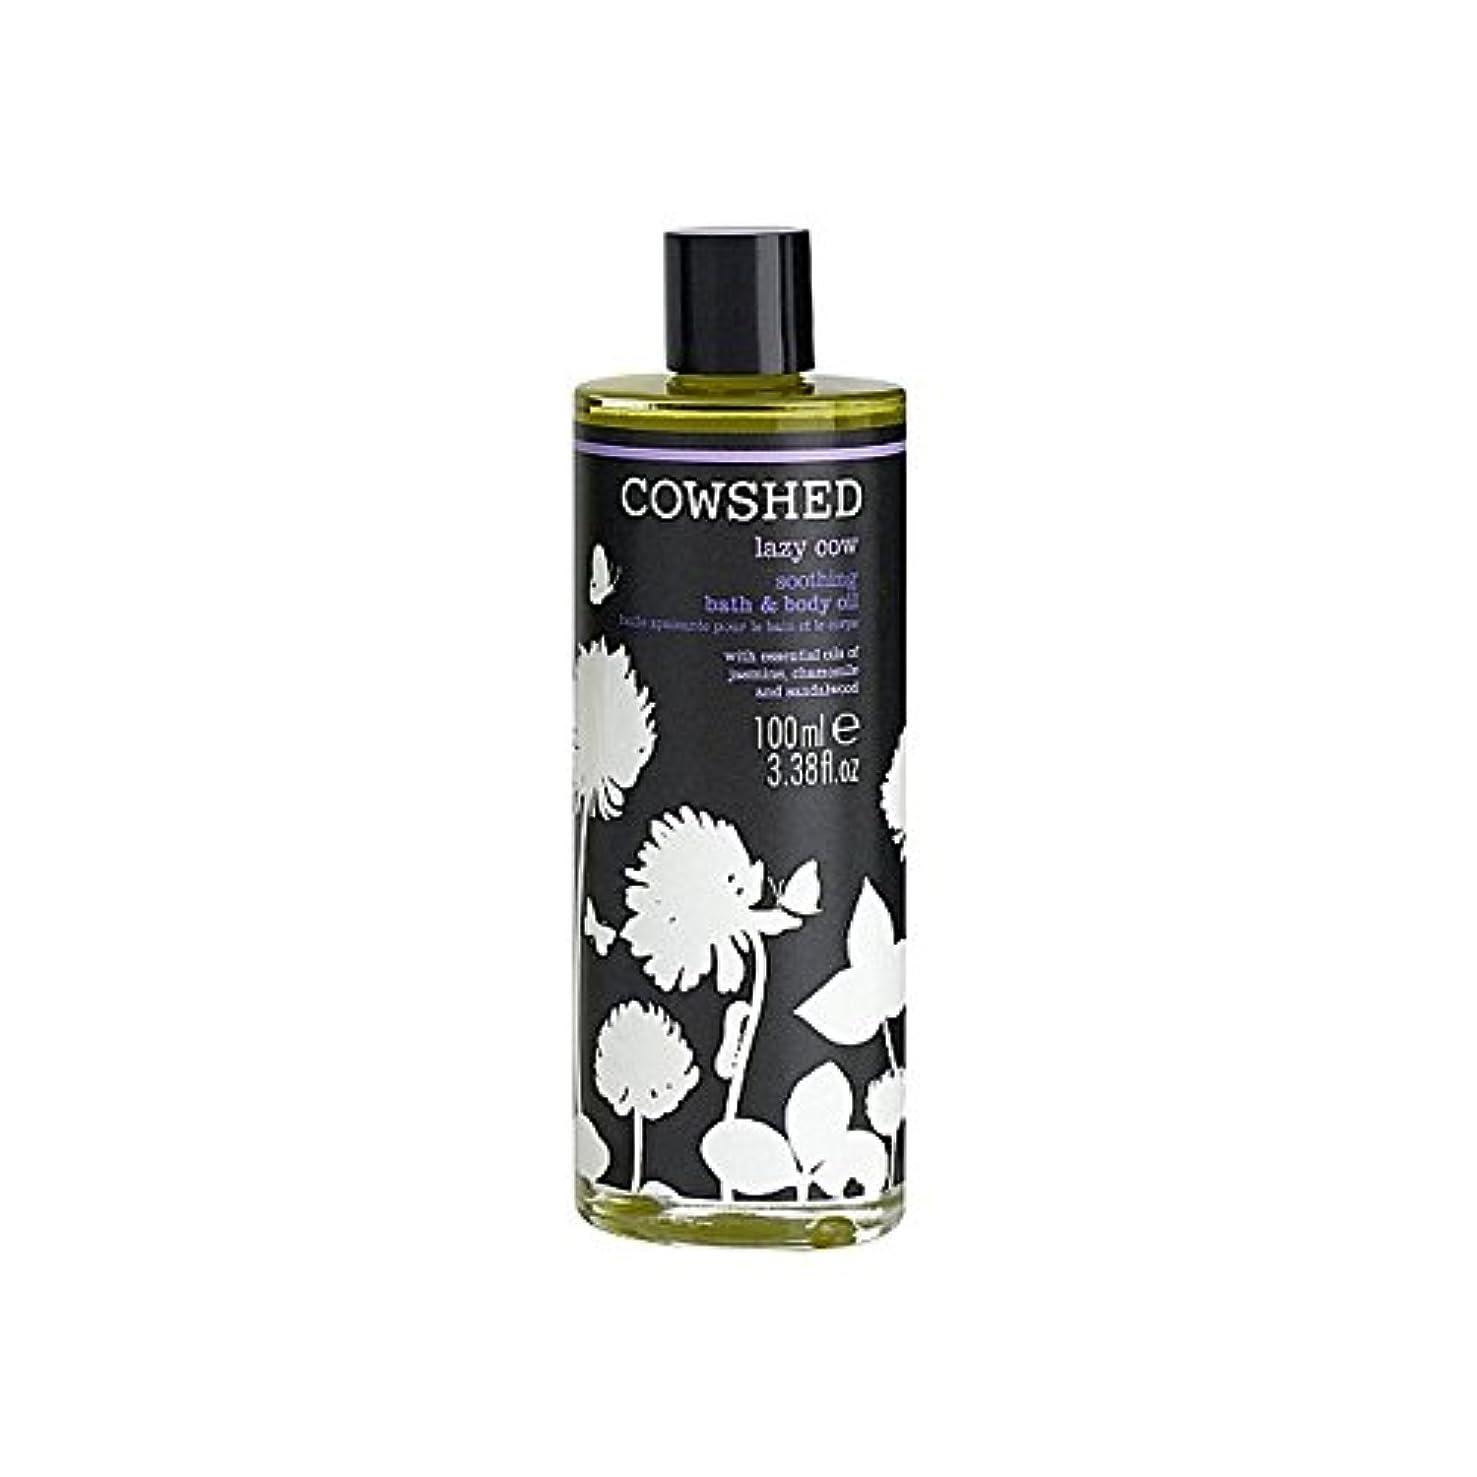 突破口幻想過度のCowshed Lazy Cow Soothing Bath & Body Oil 100ml (Pack of 6) - バス&ボディオイル100ミリリットルをなだめる牛舎怠惰な牛 x6 [並行輸入品]